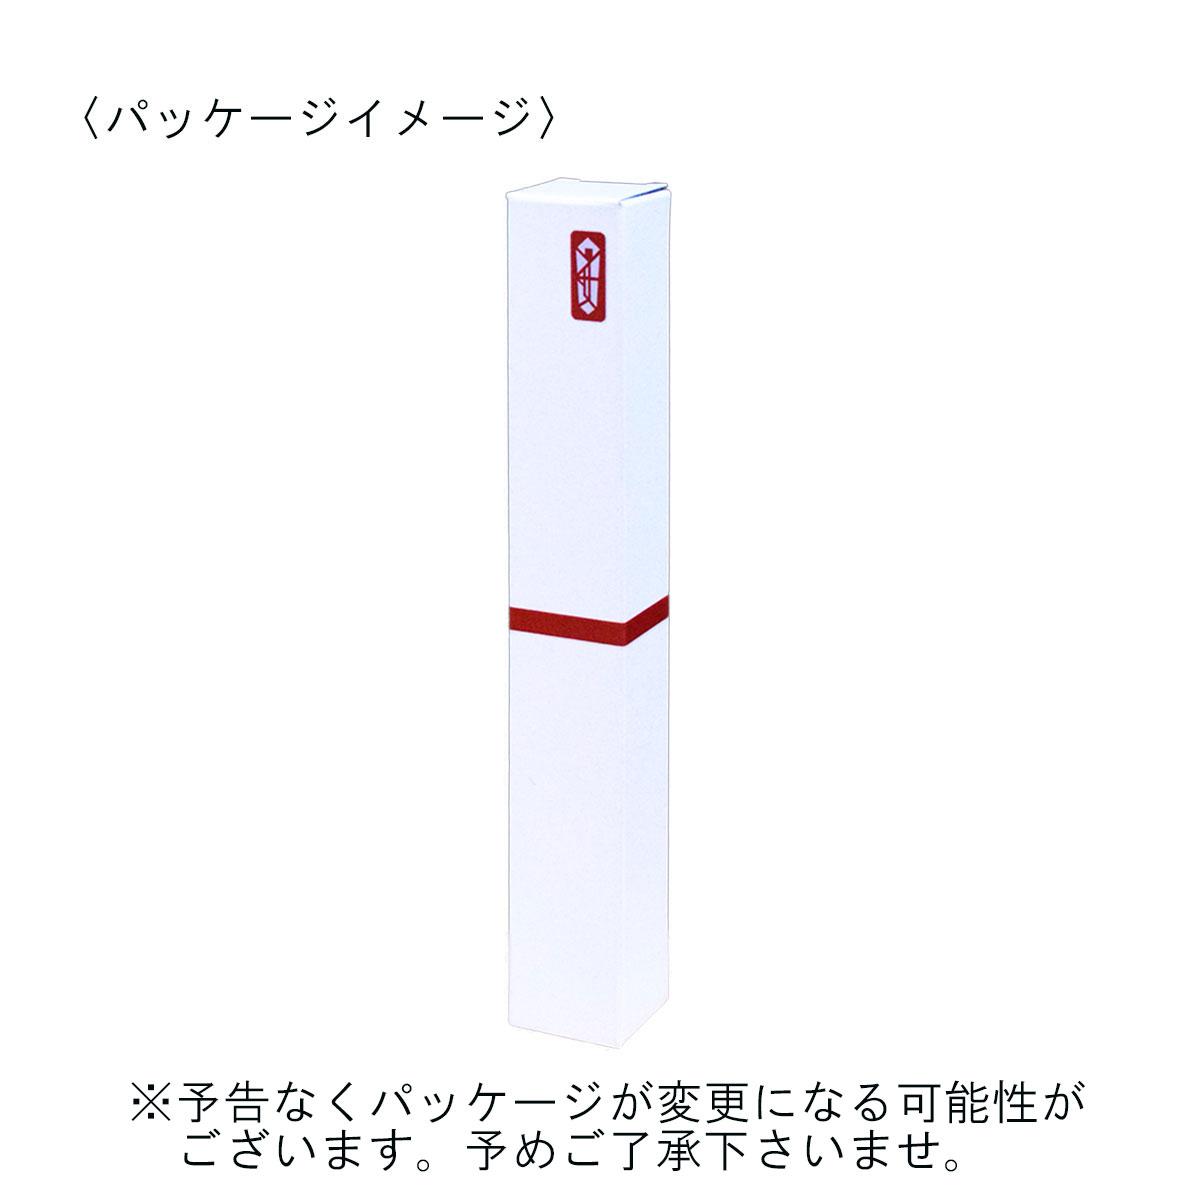 三菱鉛筆 ユニ アルファゲルシャープペン シャカシャカ機構搭載モデル かため 0.5mm M5-619GG